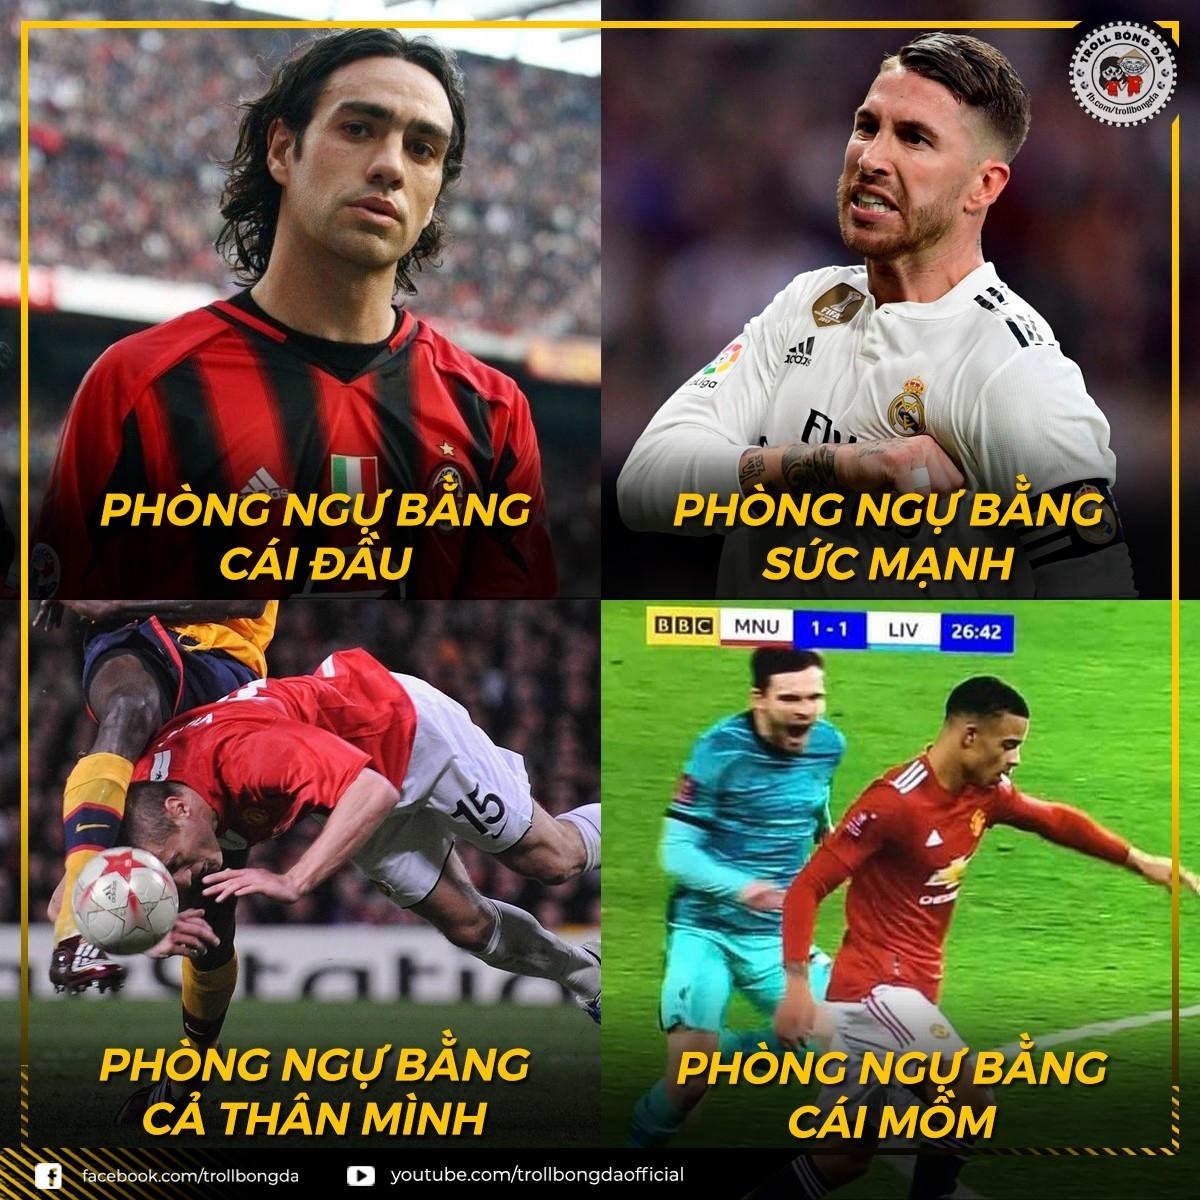 Các cách phòng ngự chủ đạo của nhưng hậu vệ ngôi sao trong thế giới bóng đá. (Ảnh: Troll bóng đá).